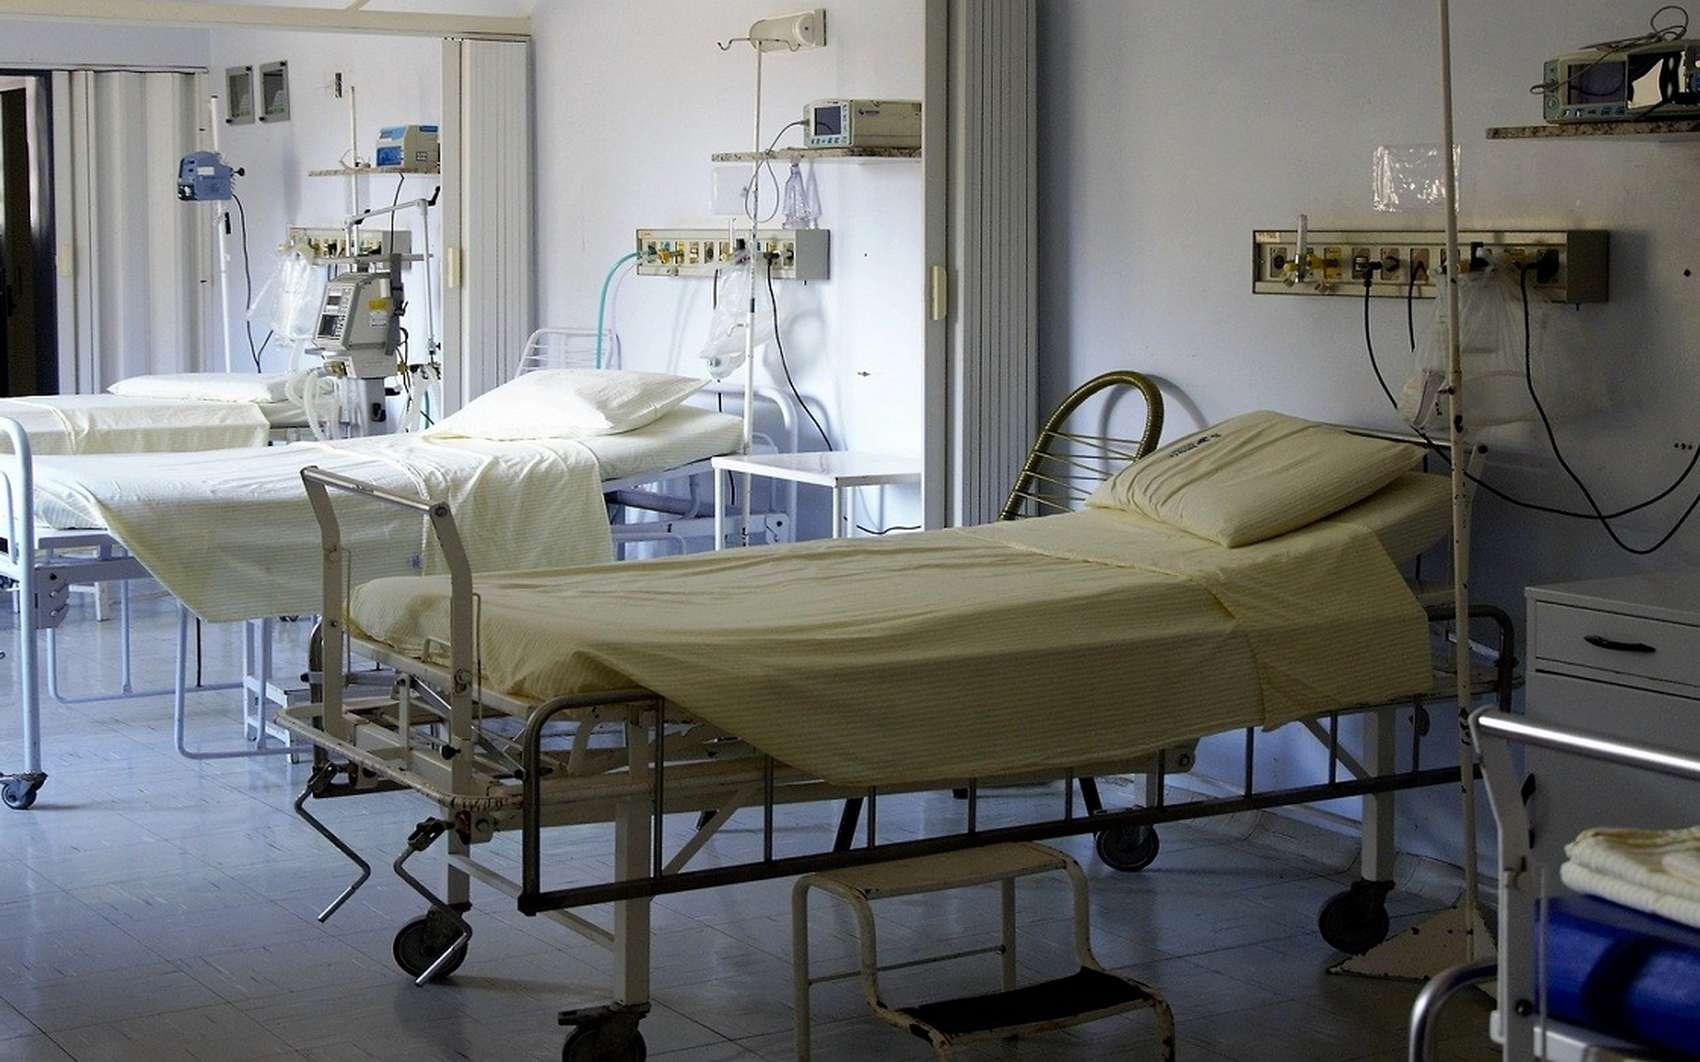 Comment mesurer la gravité d'un coma avec l'échelle de Glasgow ? © 1662222, Pixabay